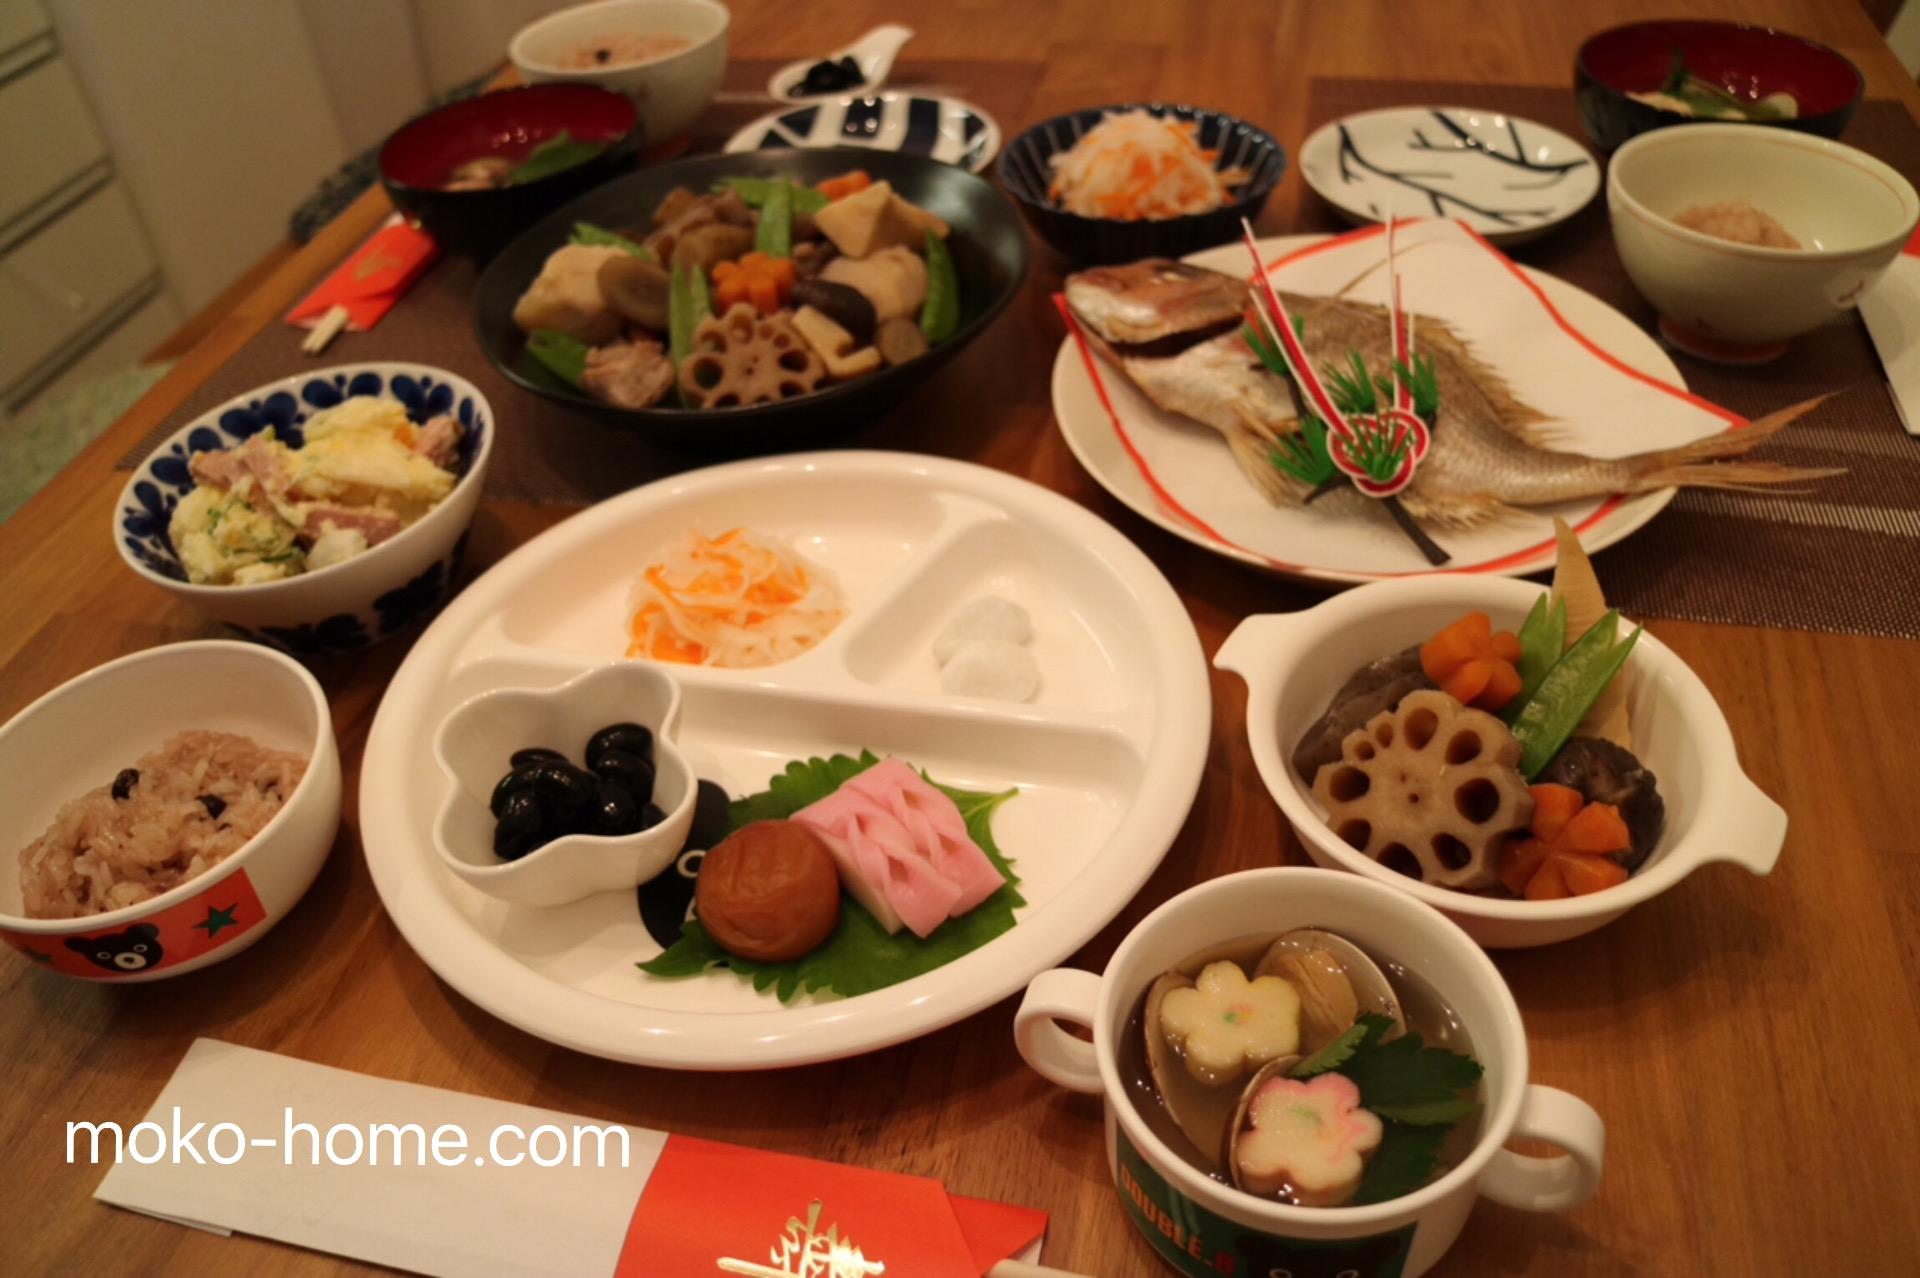 【お食い初めメニュー】自宅で生後100日祝い・食器や衣装も紹介